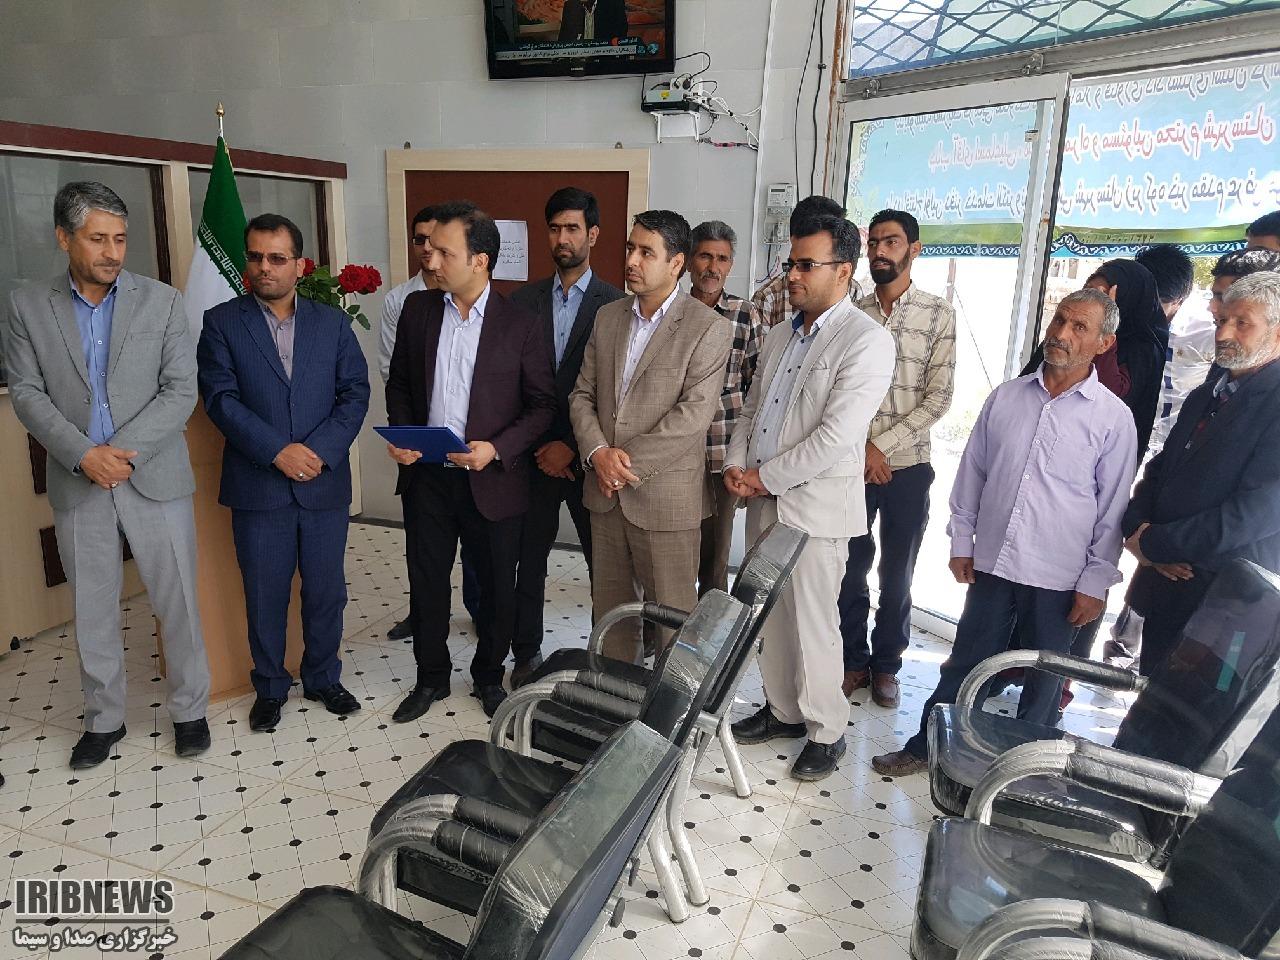 افتتاح دفتر خدمات الکترونیک قضایی در زیرکوه